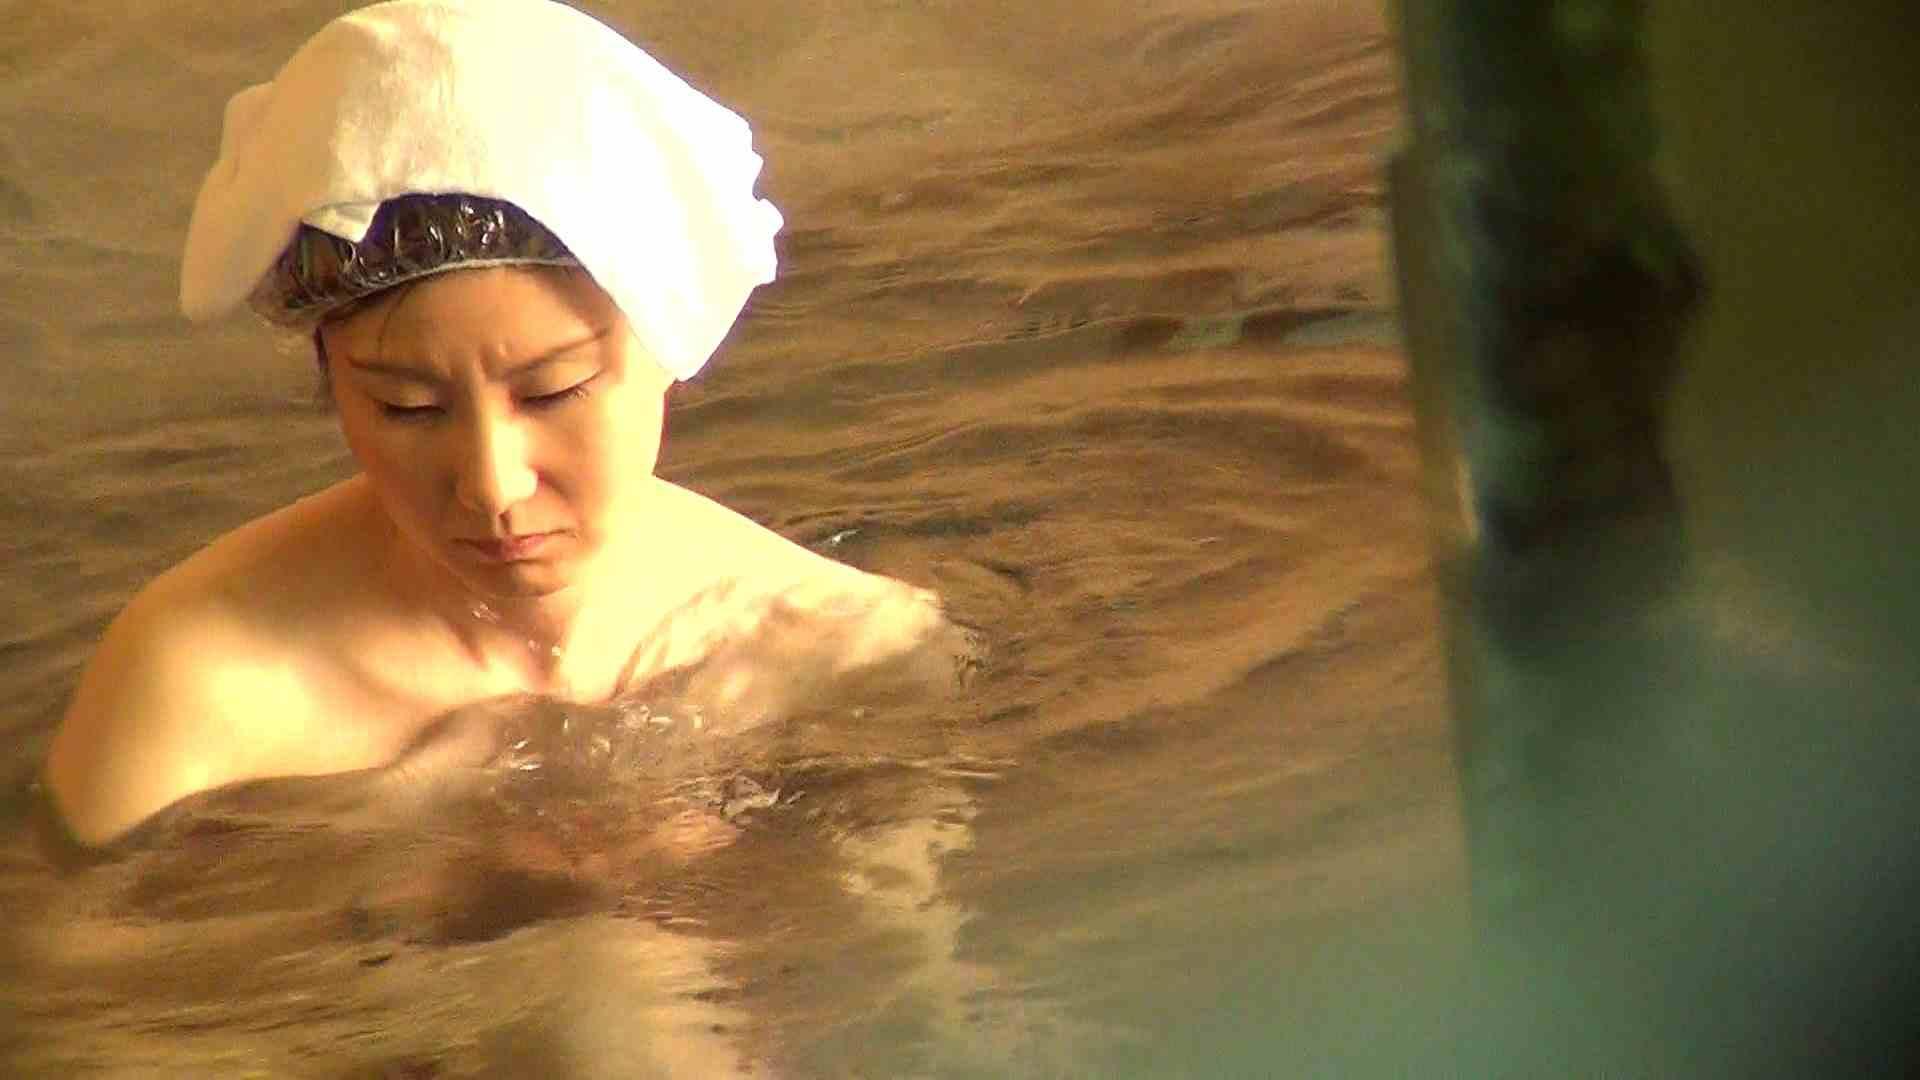 Aquaな露天風呂Vol.278 盗撮シリーズ  100PIX 88